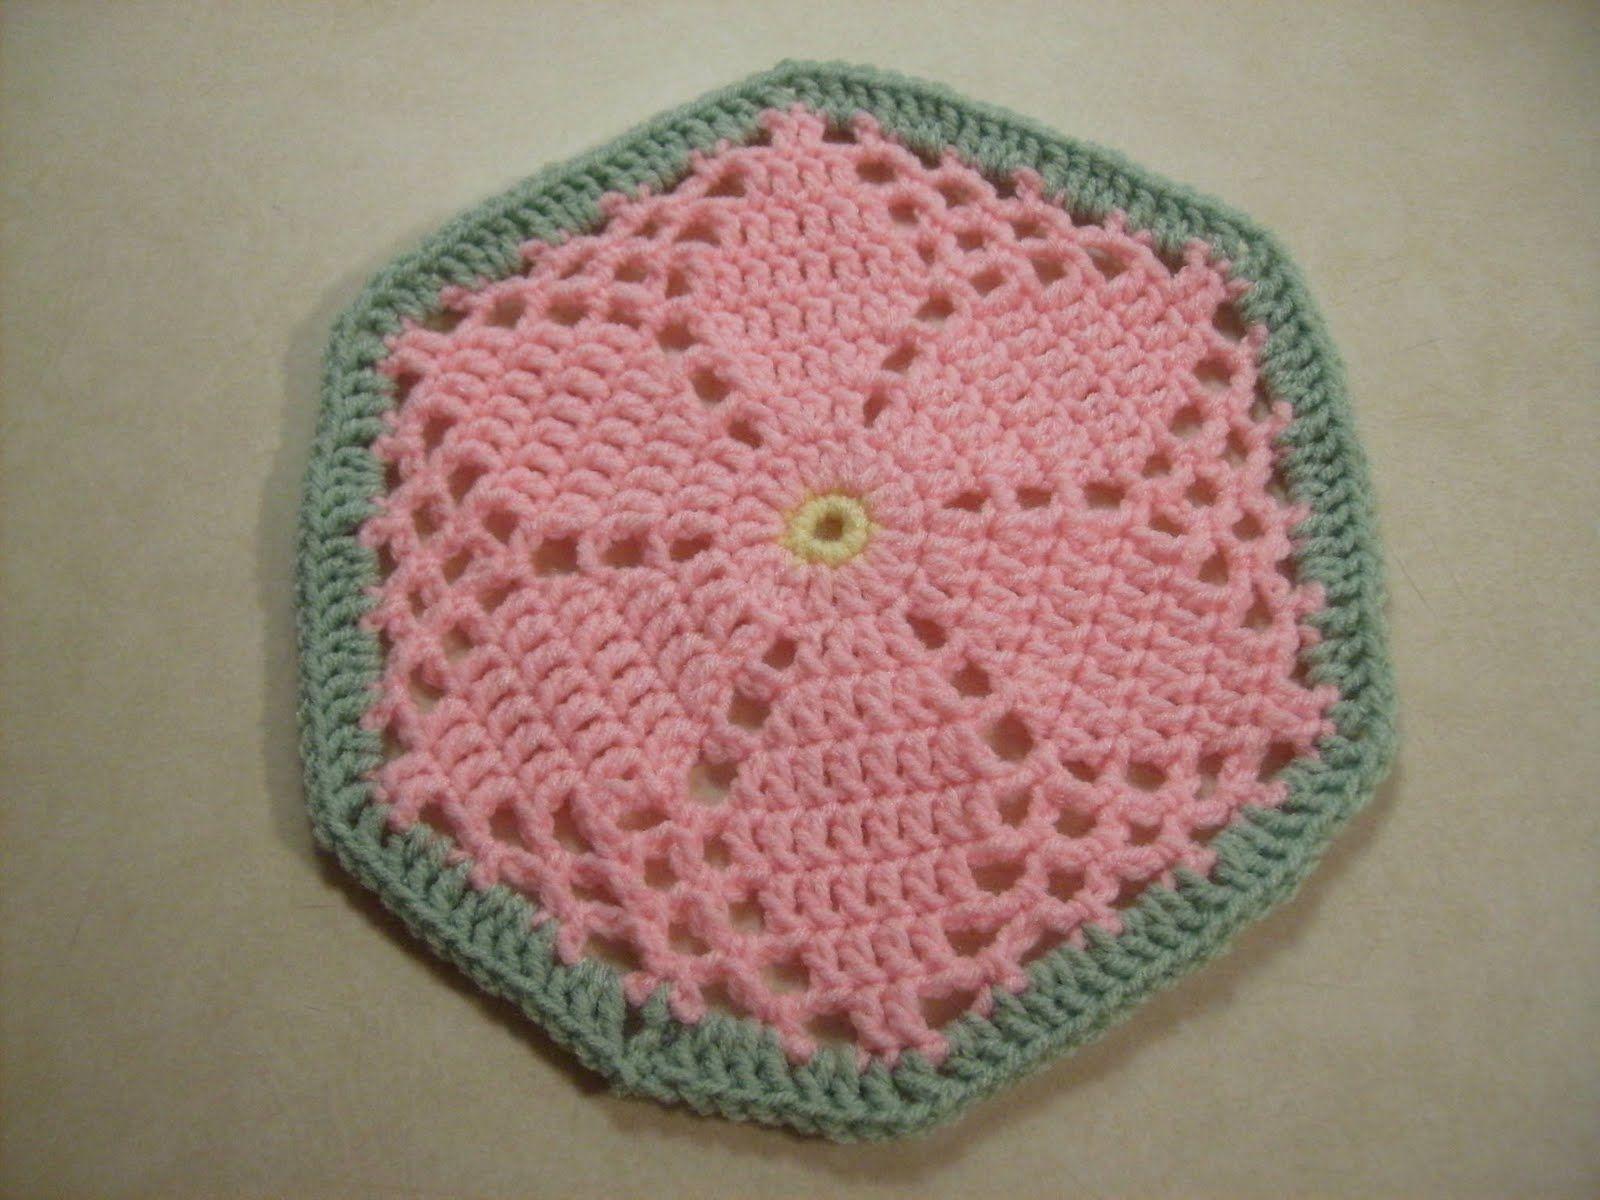 Scrap Yarn Crochet: Free Granny\'s Garden Hexagon Crochet Pattern ...